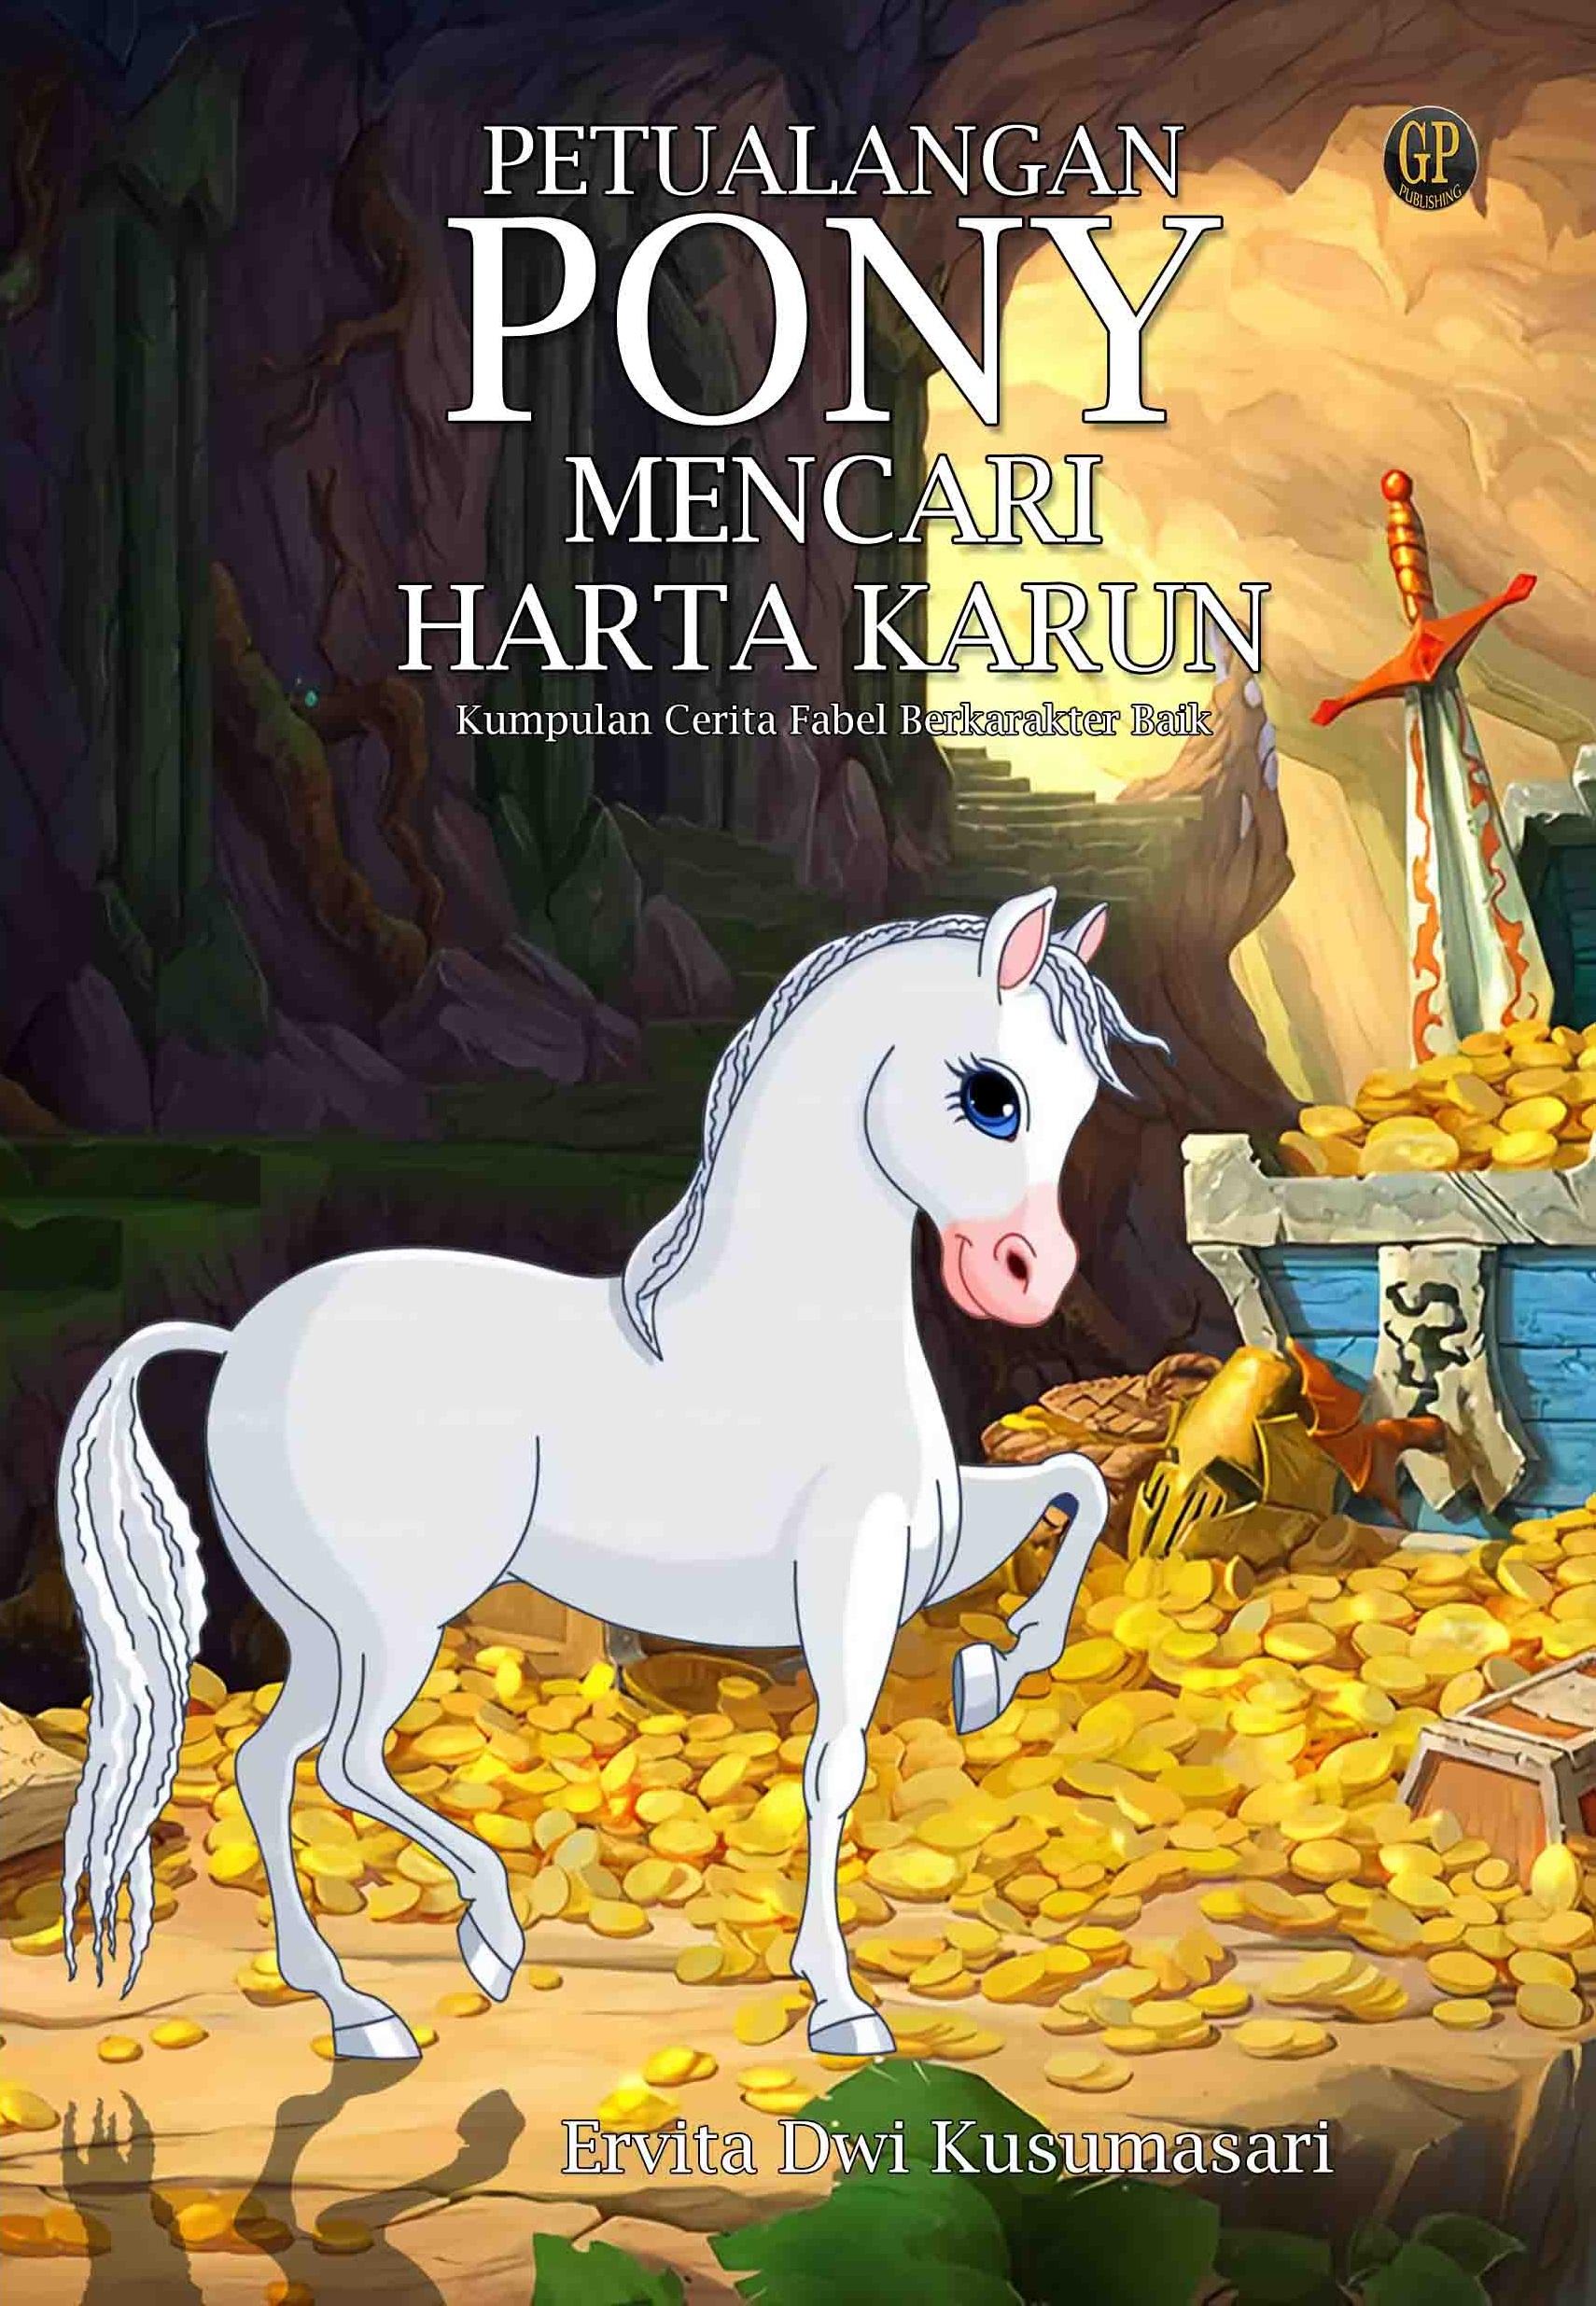 Petualangan Pony mencari harta karun [sumber elektronis] : kumpulan cerita fabel berkarakter baik